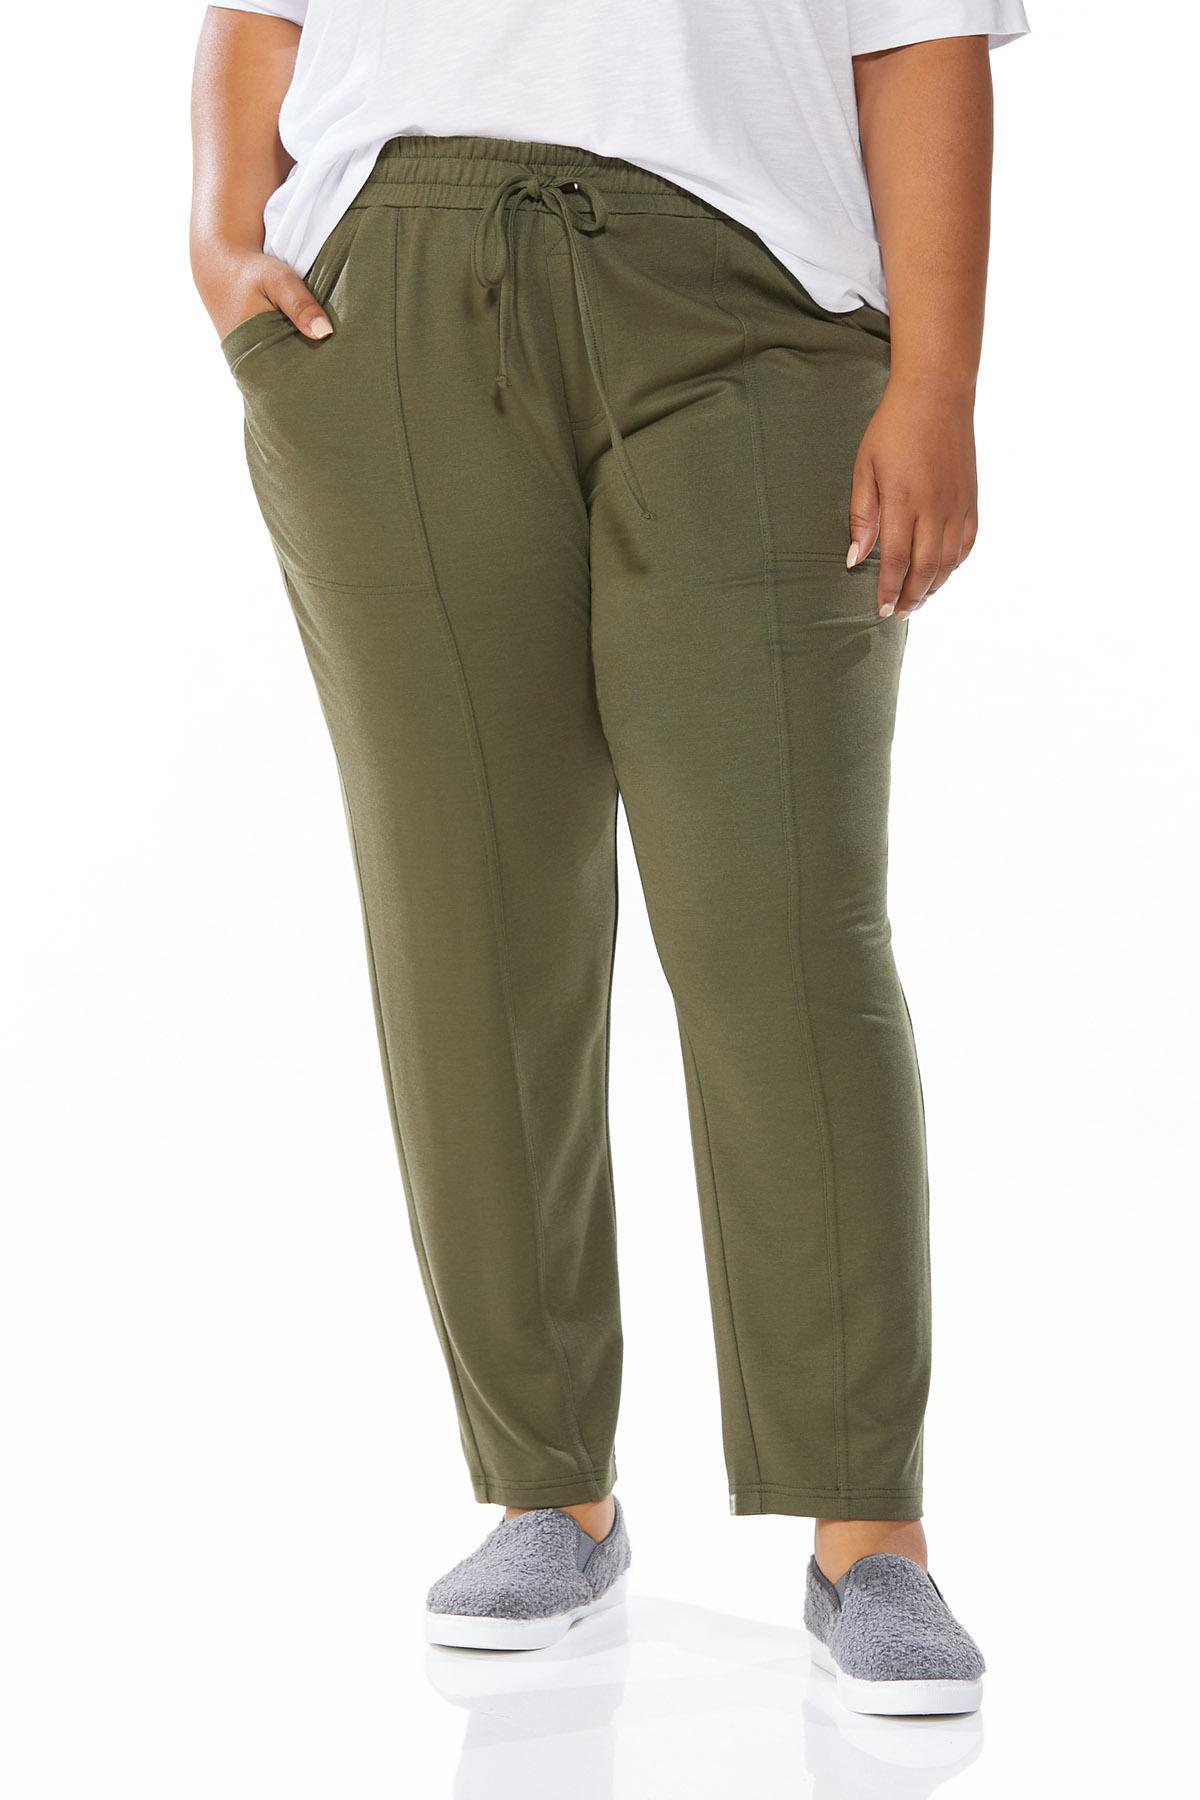 Plus Size Soft Olive Pants (Item #44655280)